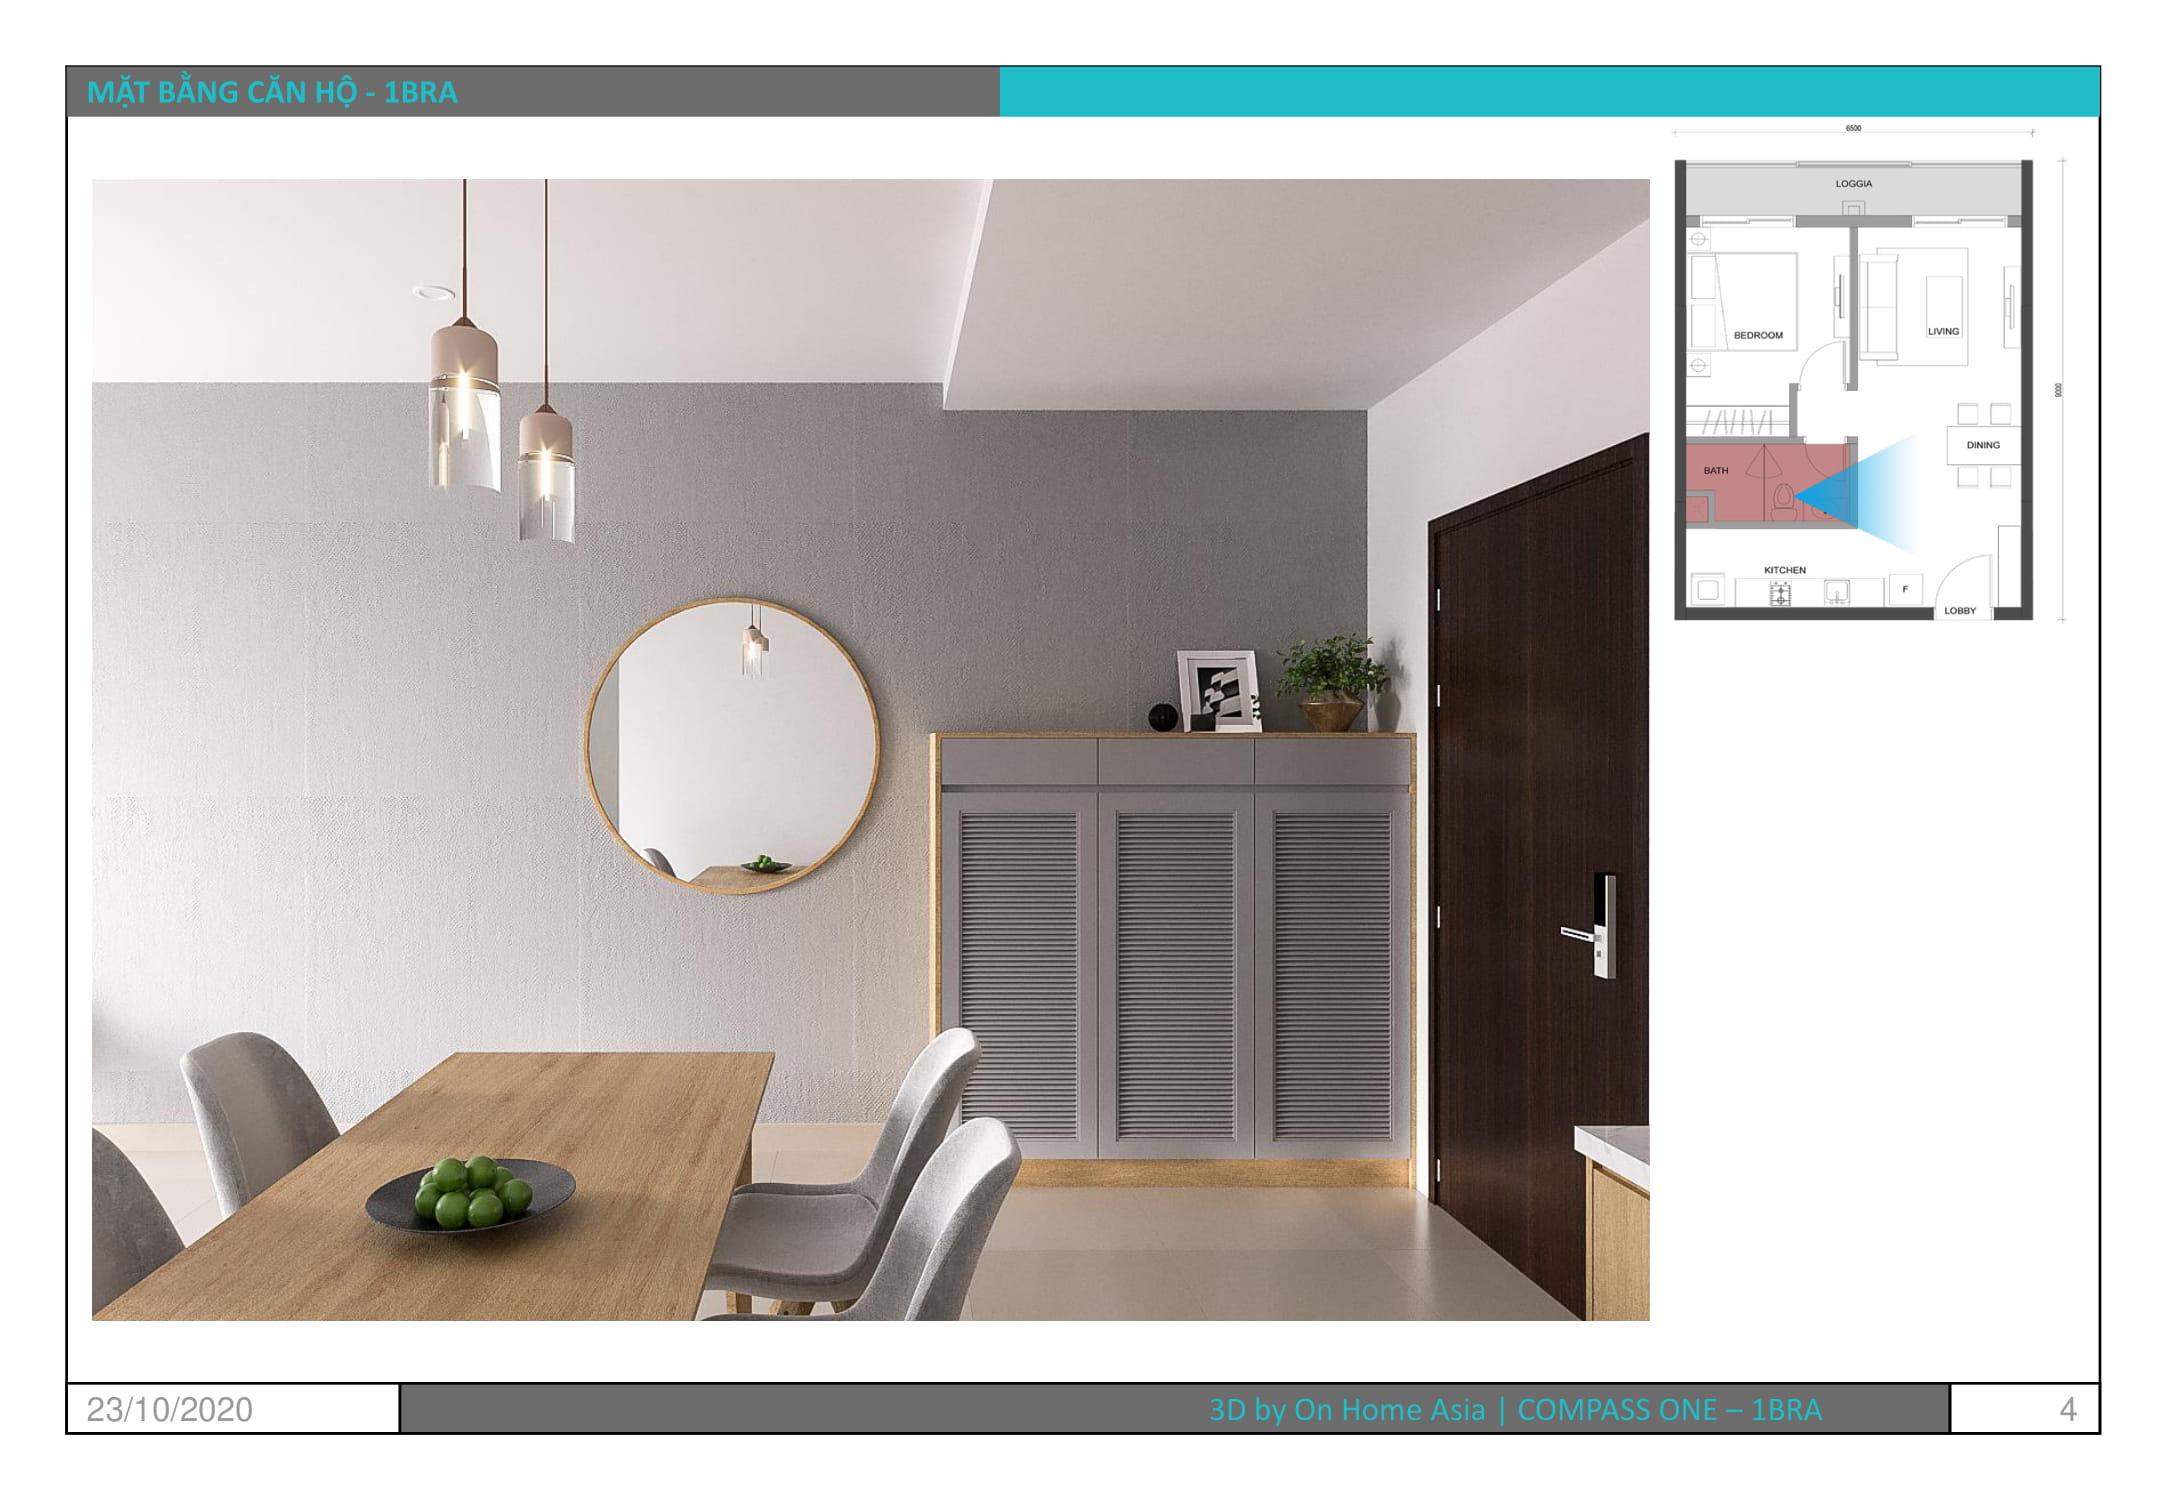 không gian nội thất phòng ăn căn hộ compass one mẫu 1bra